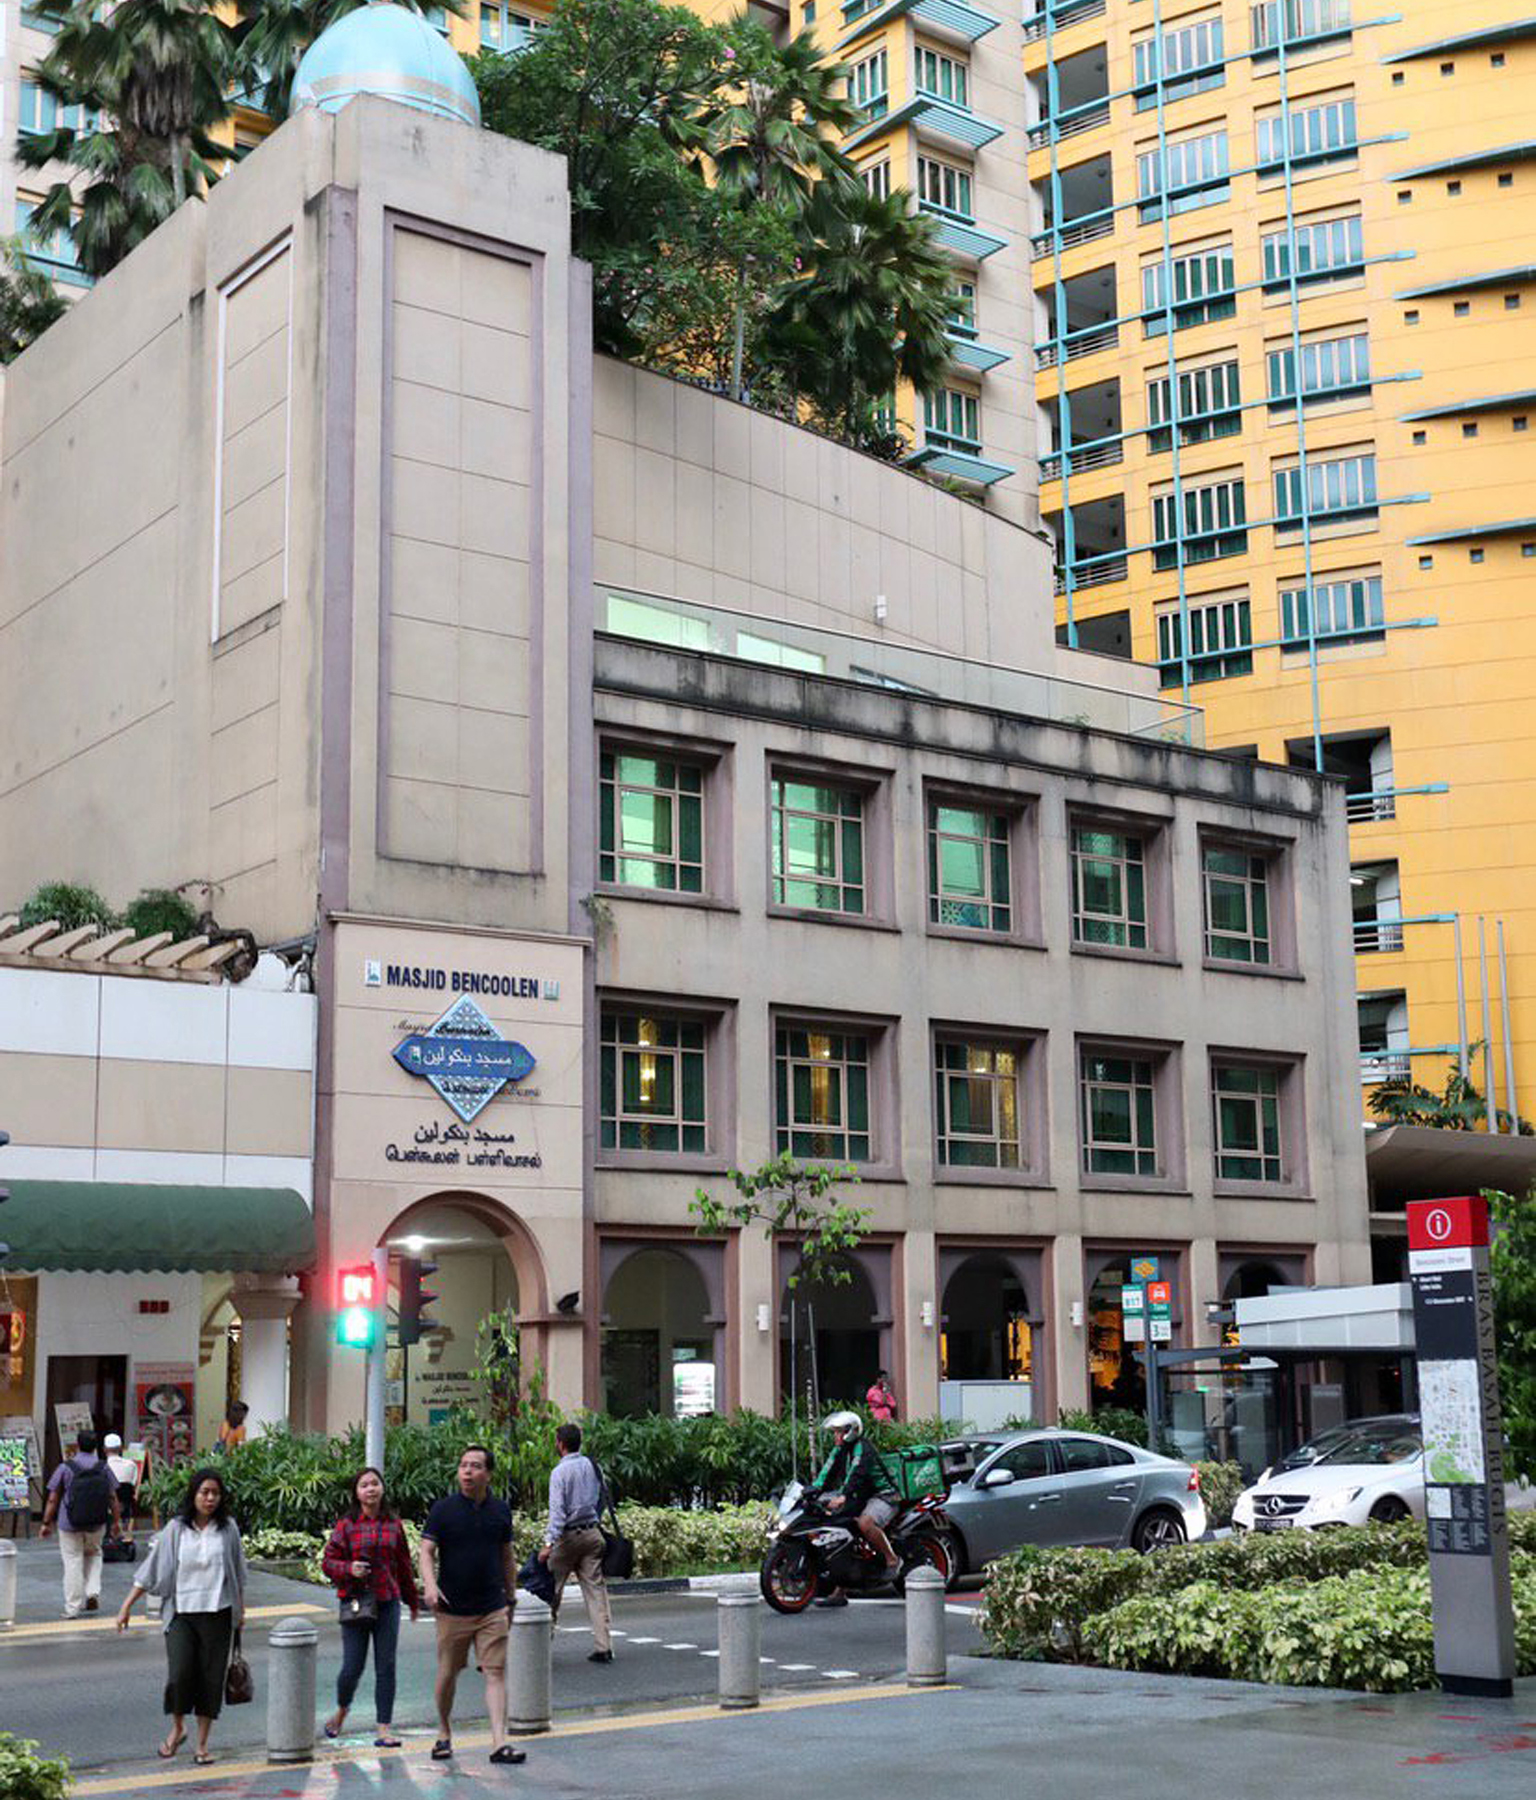 ۴ میلیون هزینه مرمت و بازسازی مسجد ۱۹۴ ساله در سنگاپور